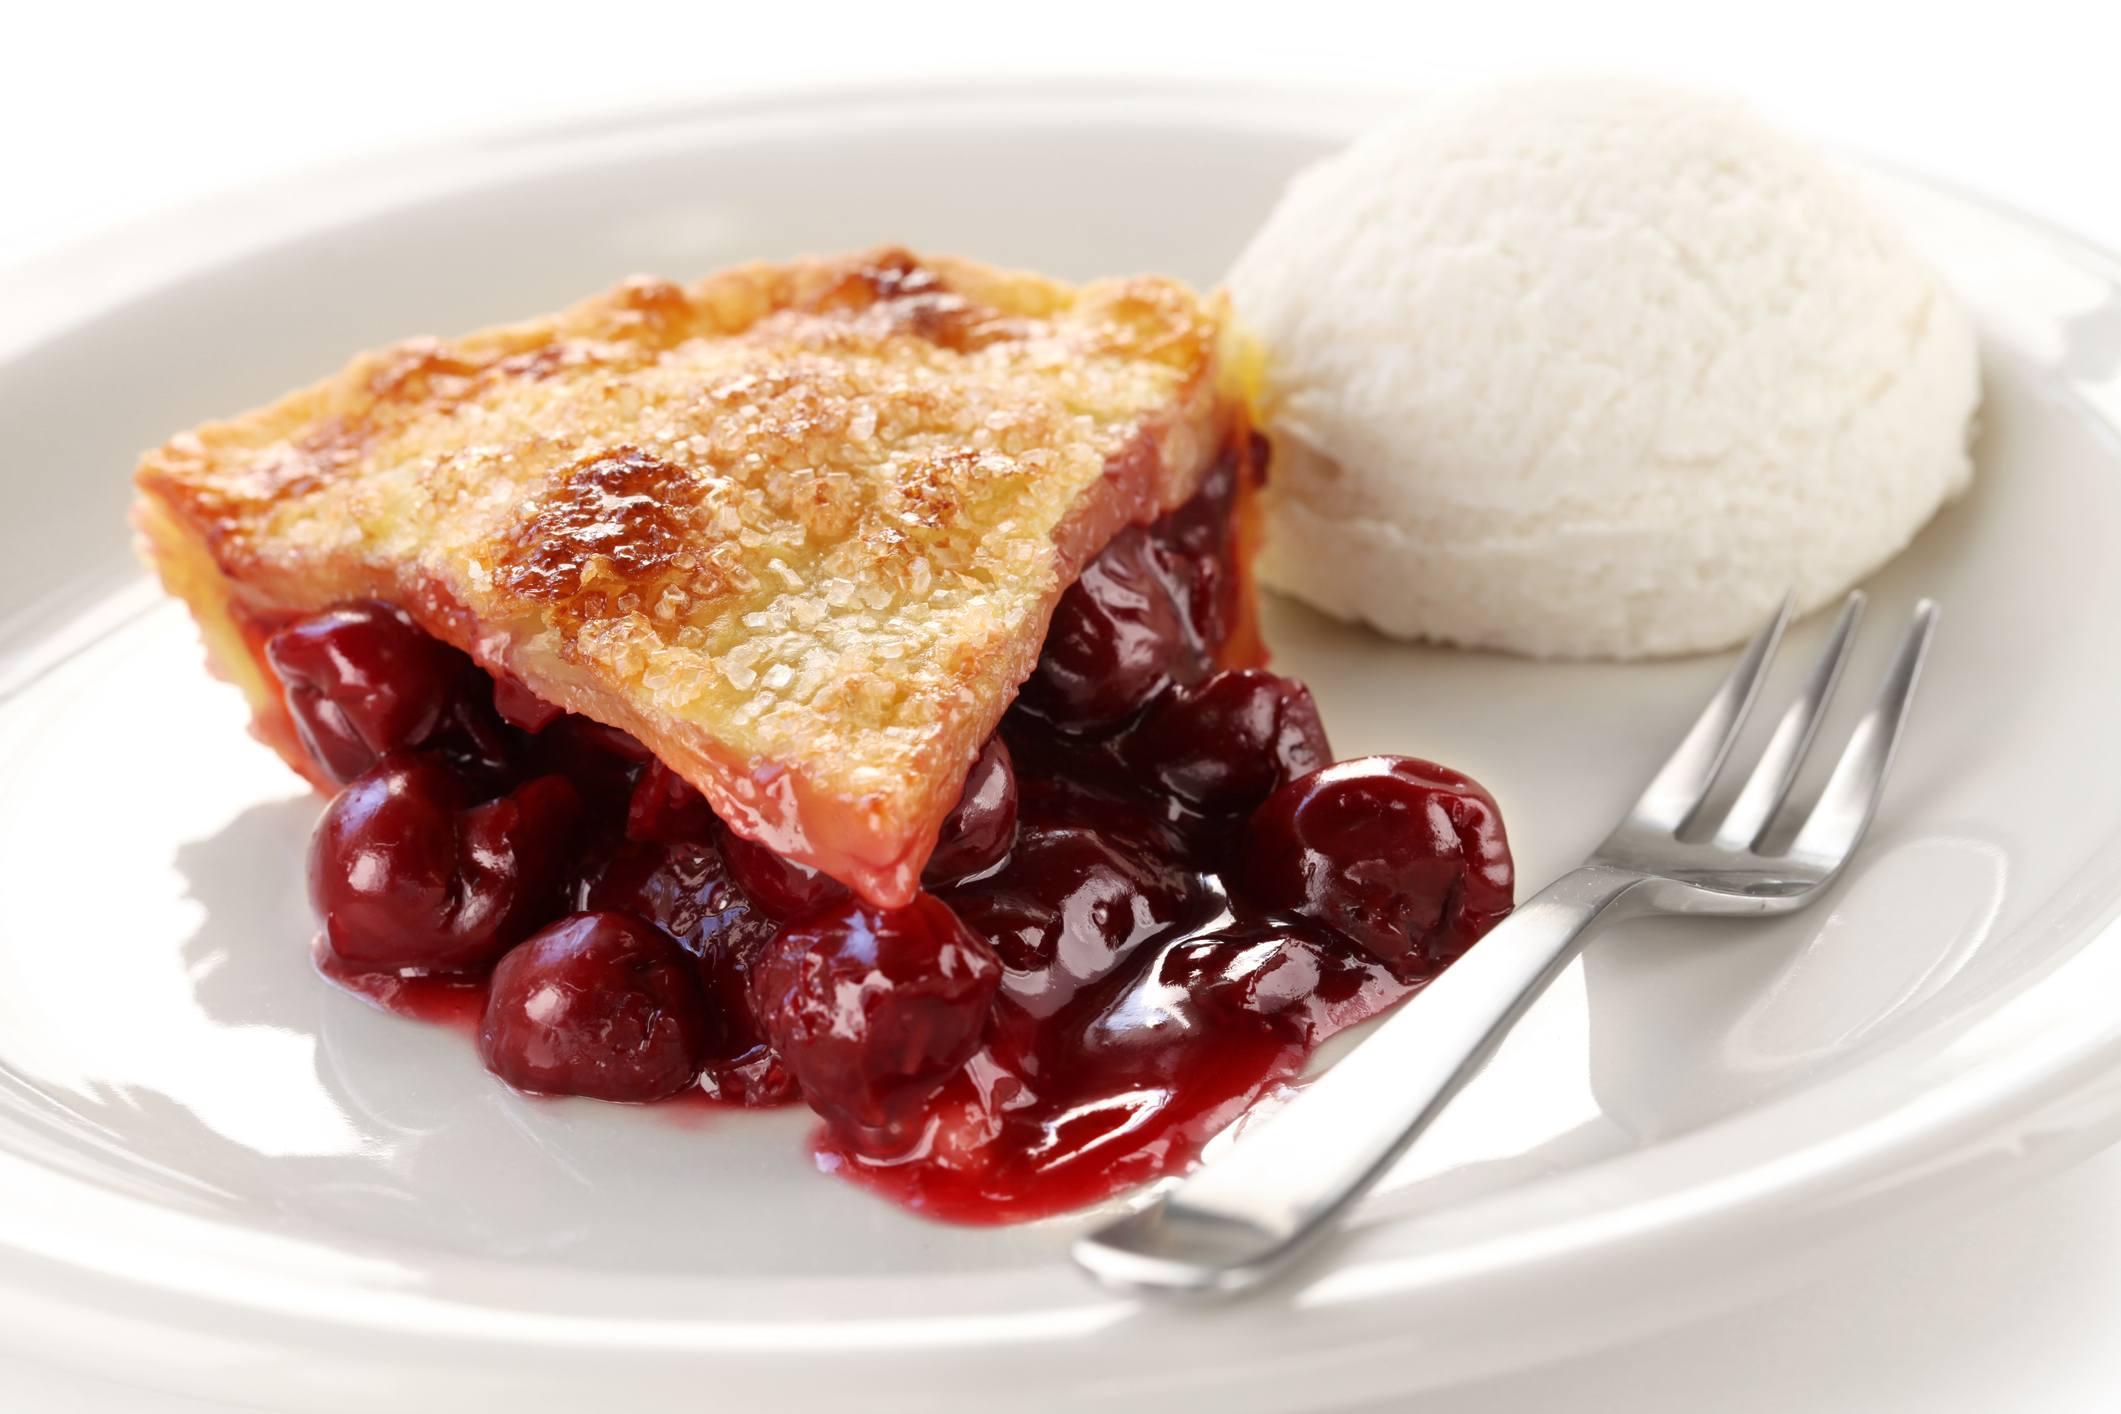 cherry pie slice with ice cream